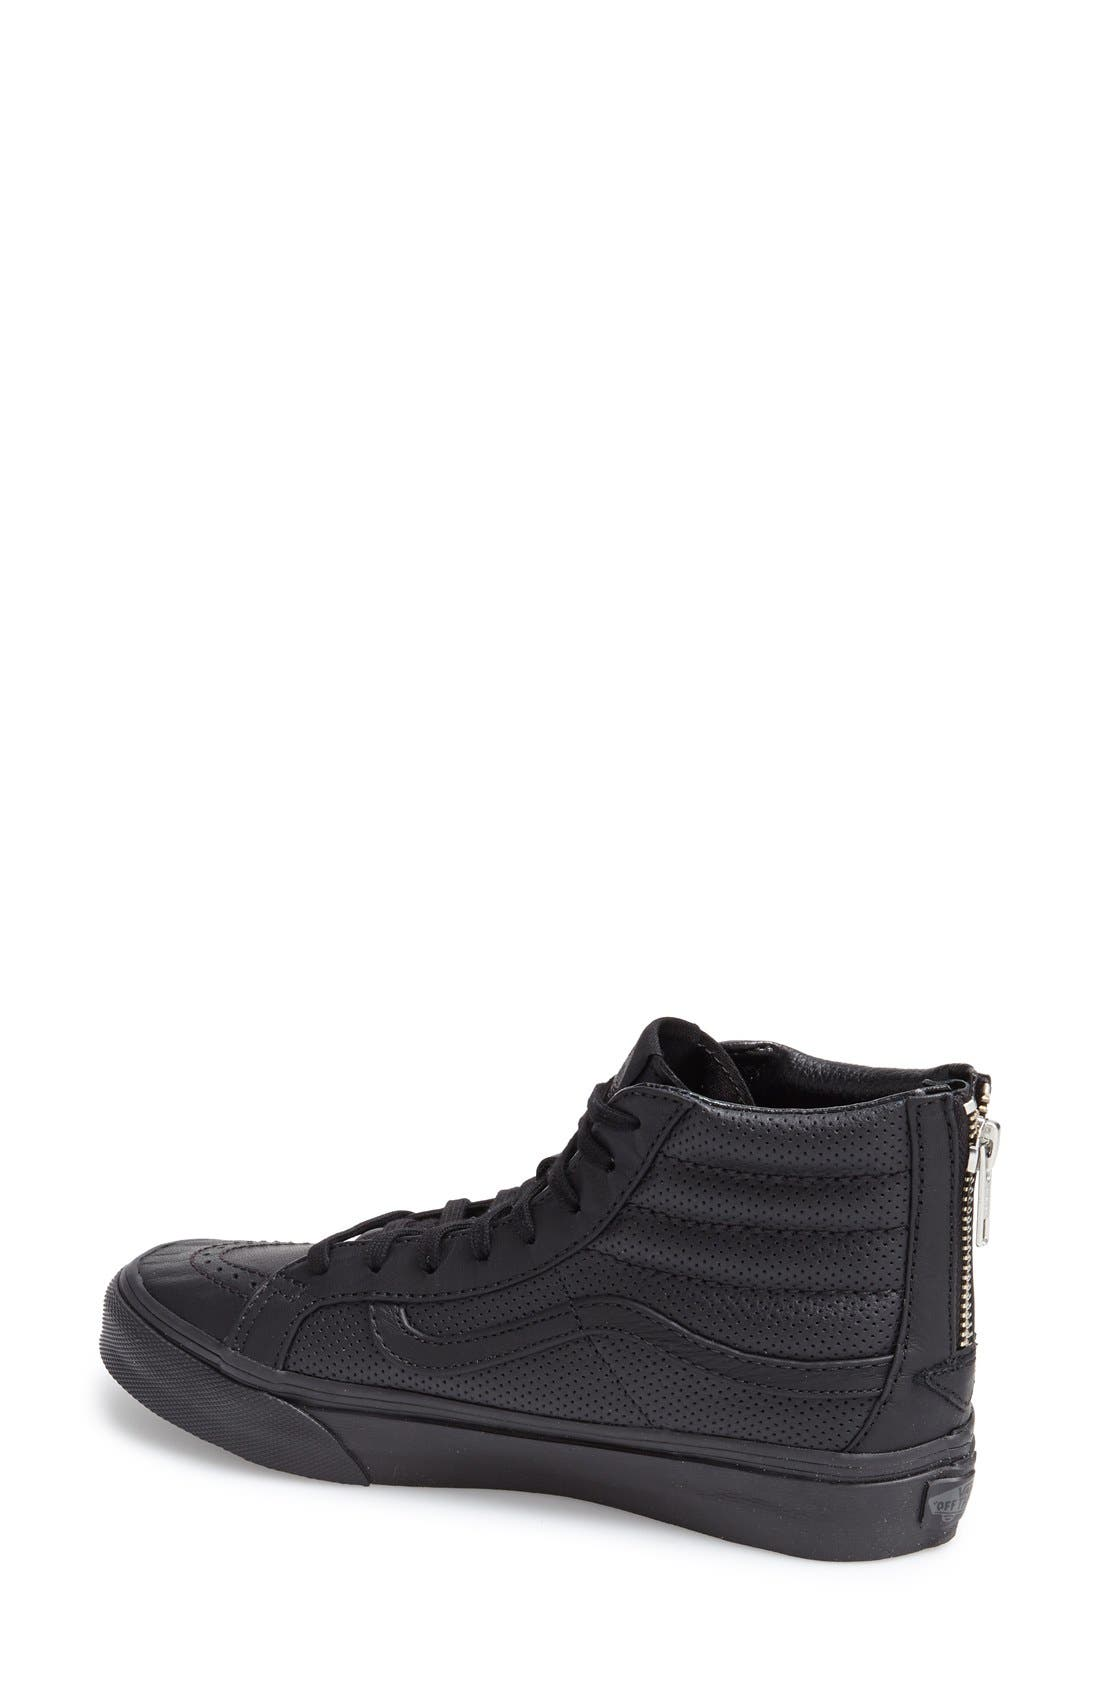 'Sk8-Hi Slim' Perforated Sneaker,                             Alternate thumbnail 3, color,